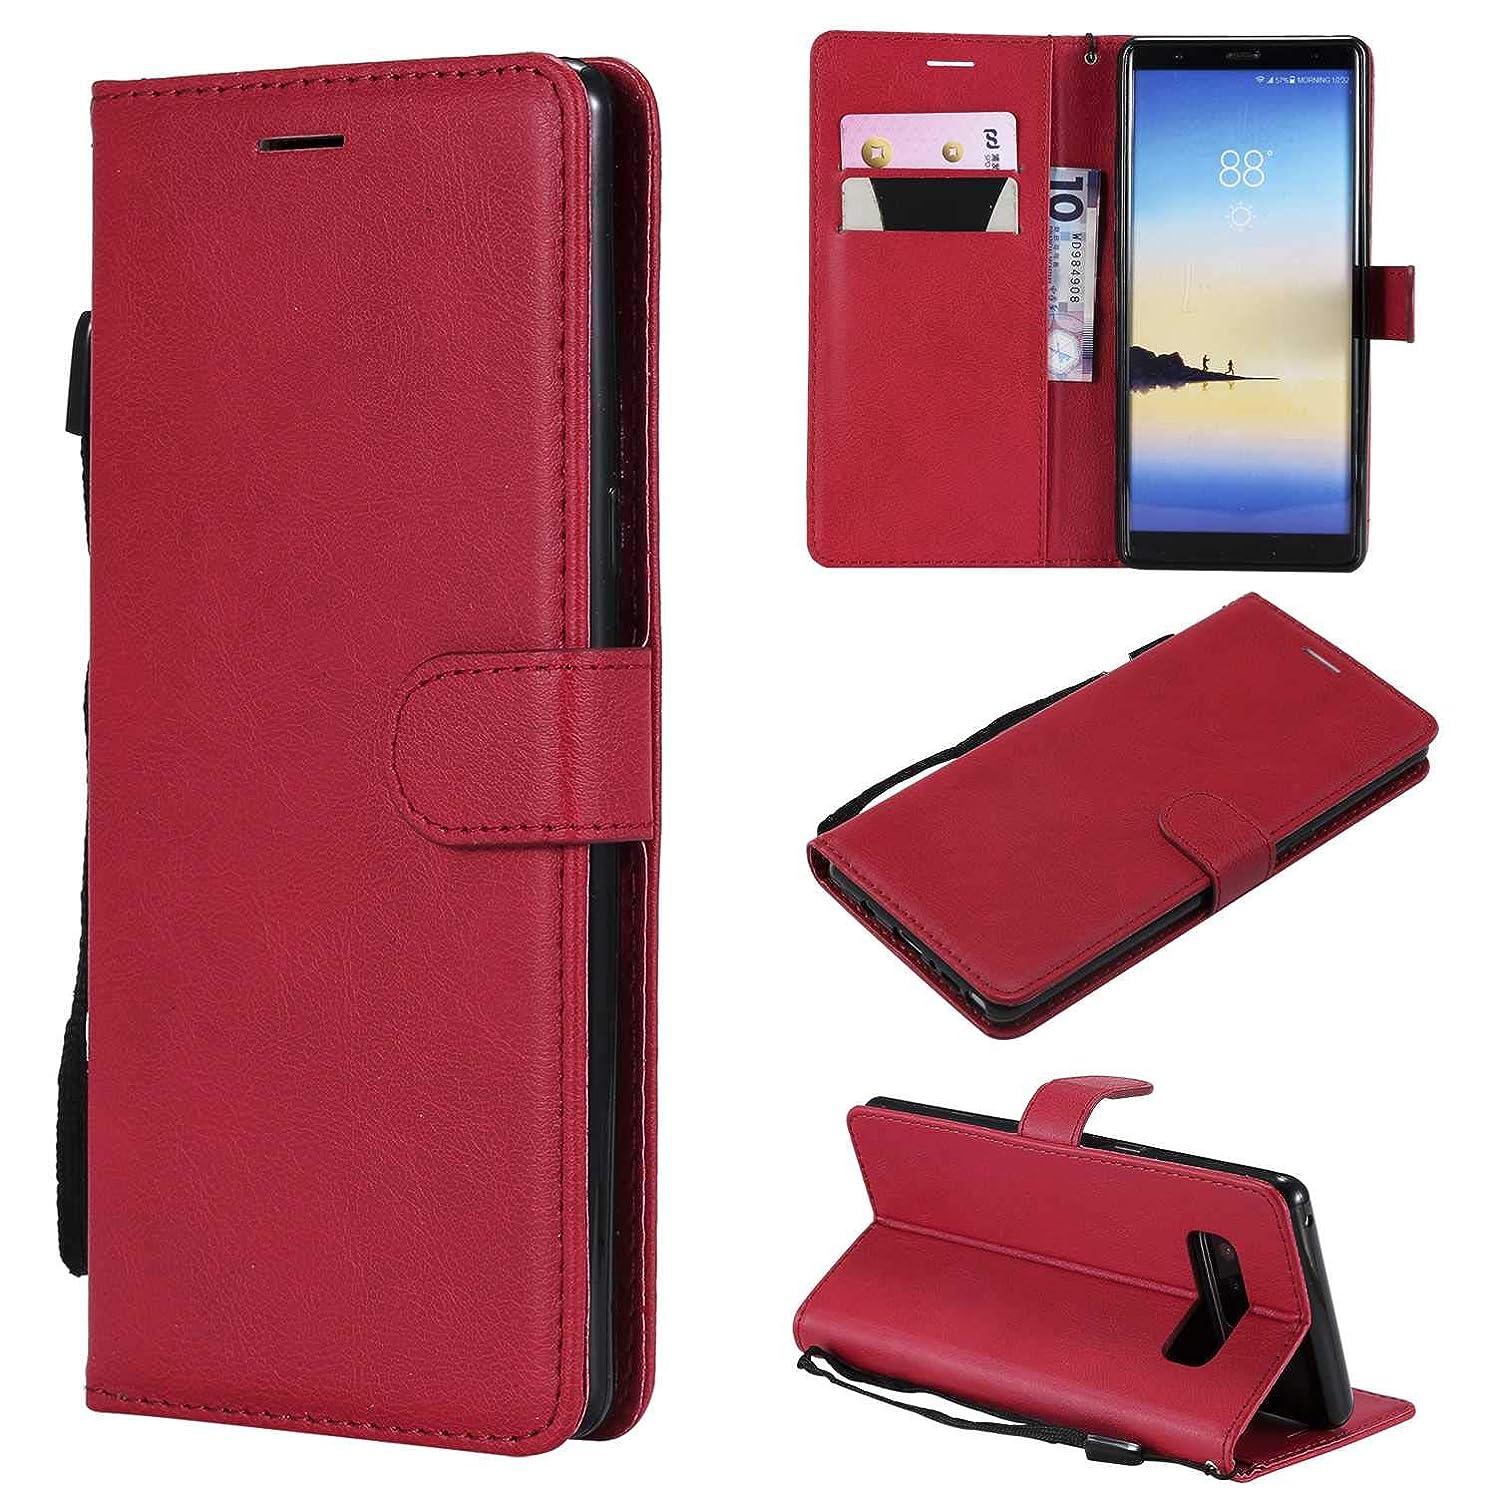 スパン不良品病院Galaxy Note 8 ケース手帳型 OMATENTI レザー 革 薄型 手帳型カバー カード入れ スタンド機能 サムスン Galaxy Note 8 おしゃれ 手帳ケース (3-レッド)